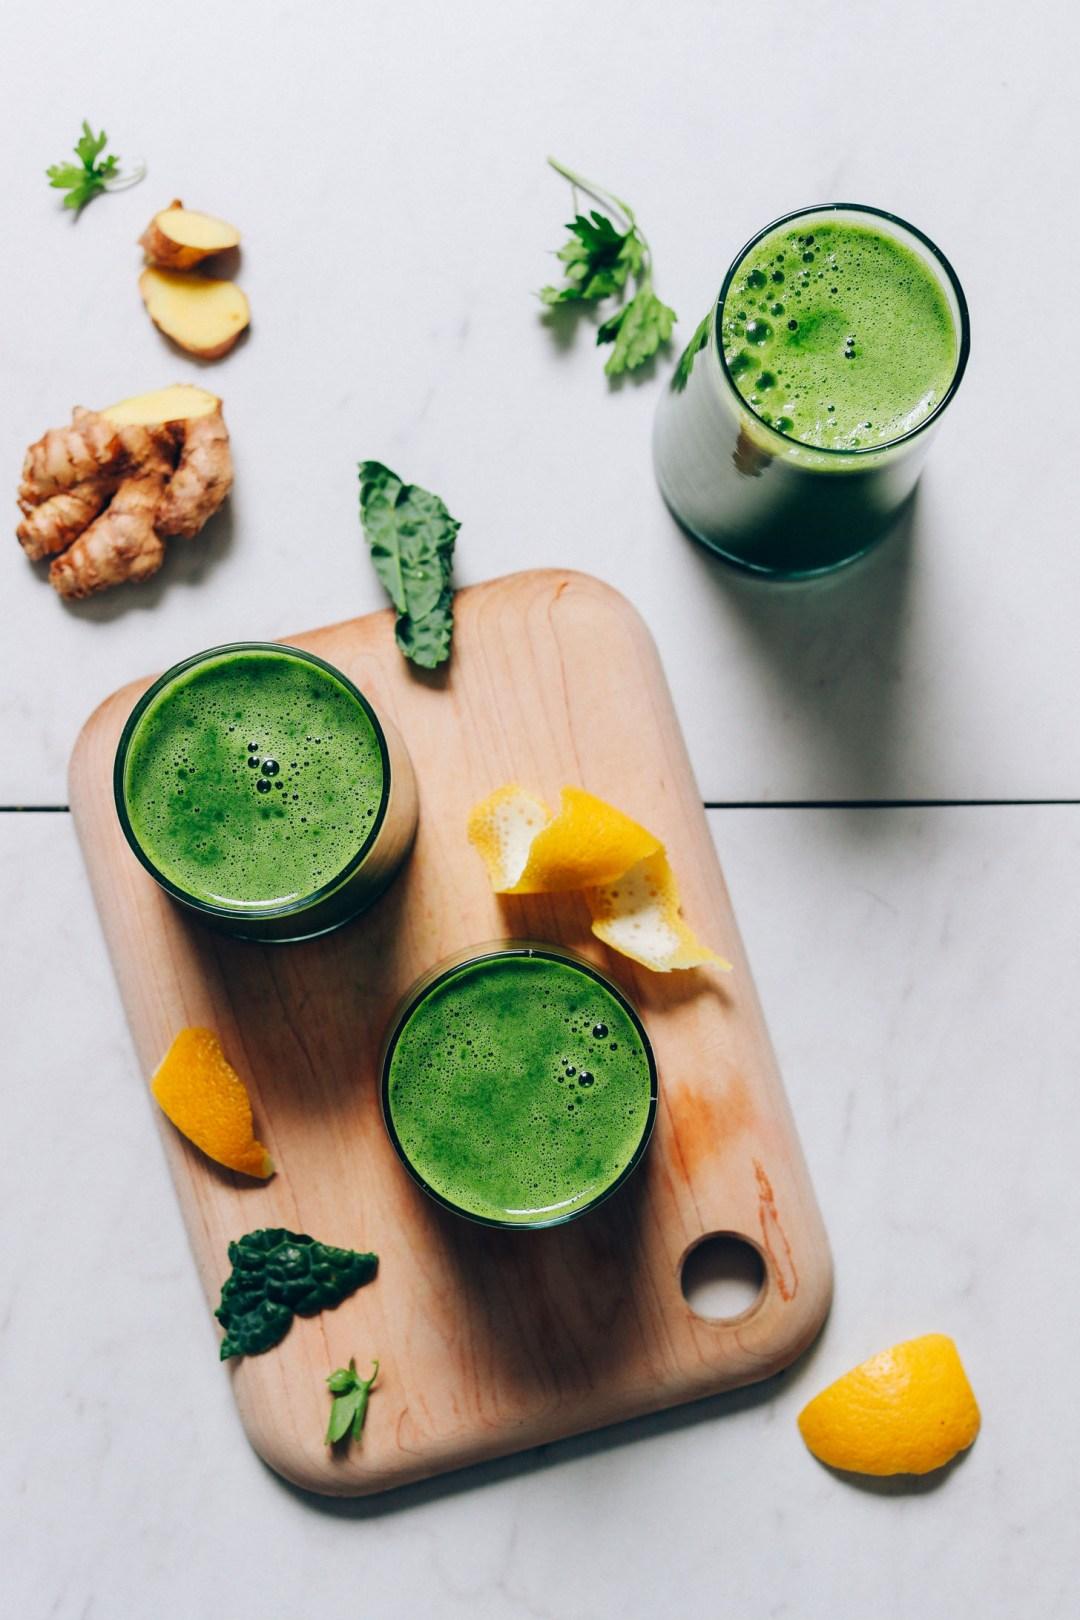 Vasos de jugo verde casero en una tabla de cortar junto a los ingredientes utilizados para hacerlo